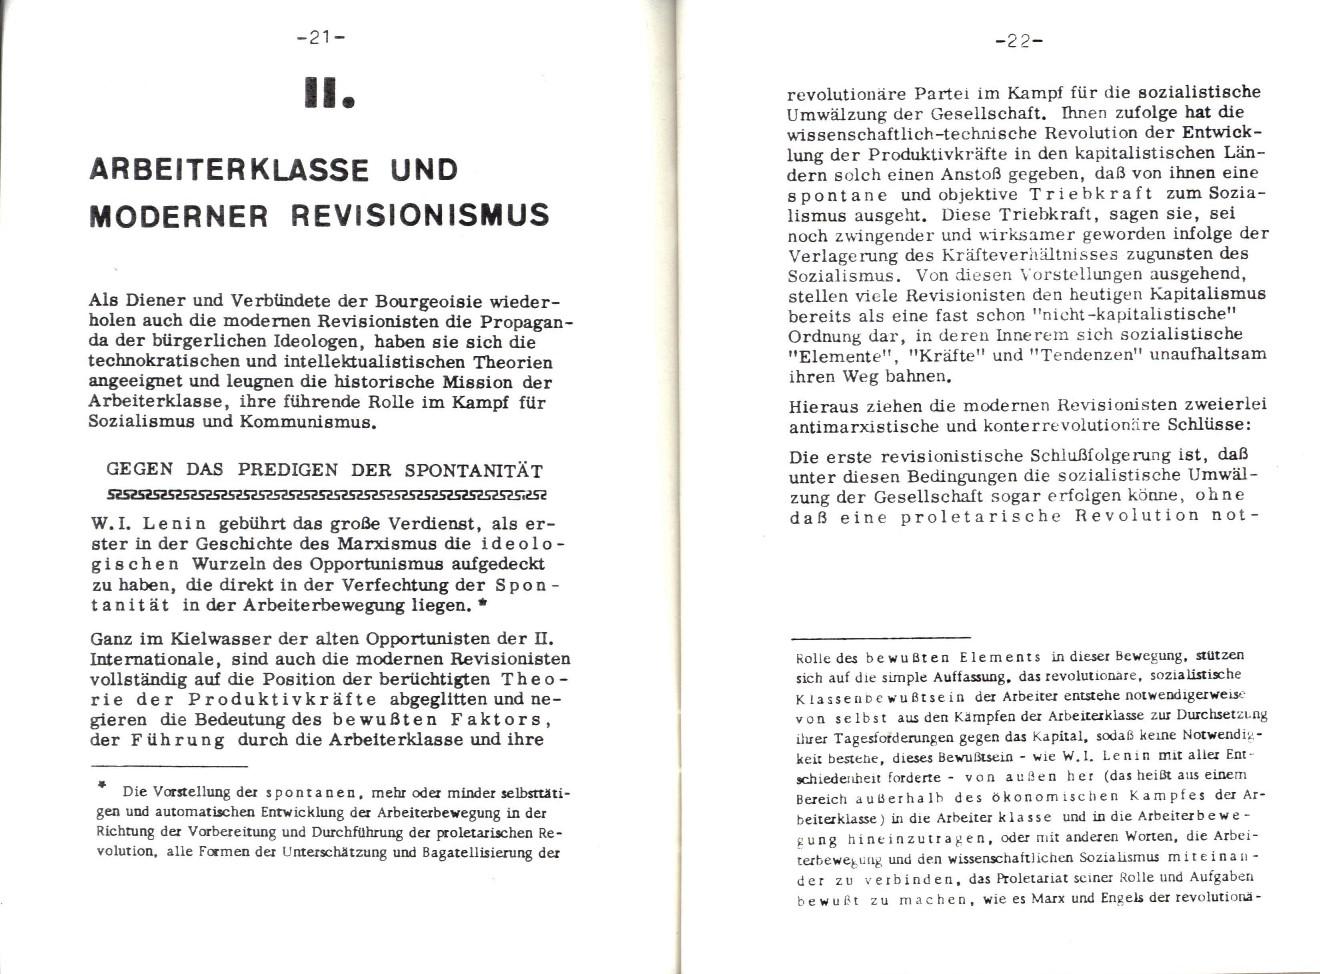 MLSK_Theorie_und_Praxis_des_ML_1978_23_14